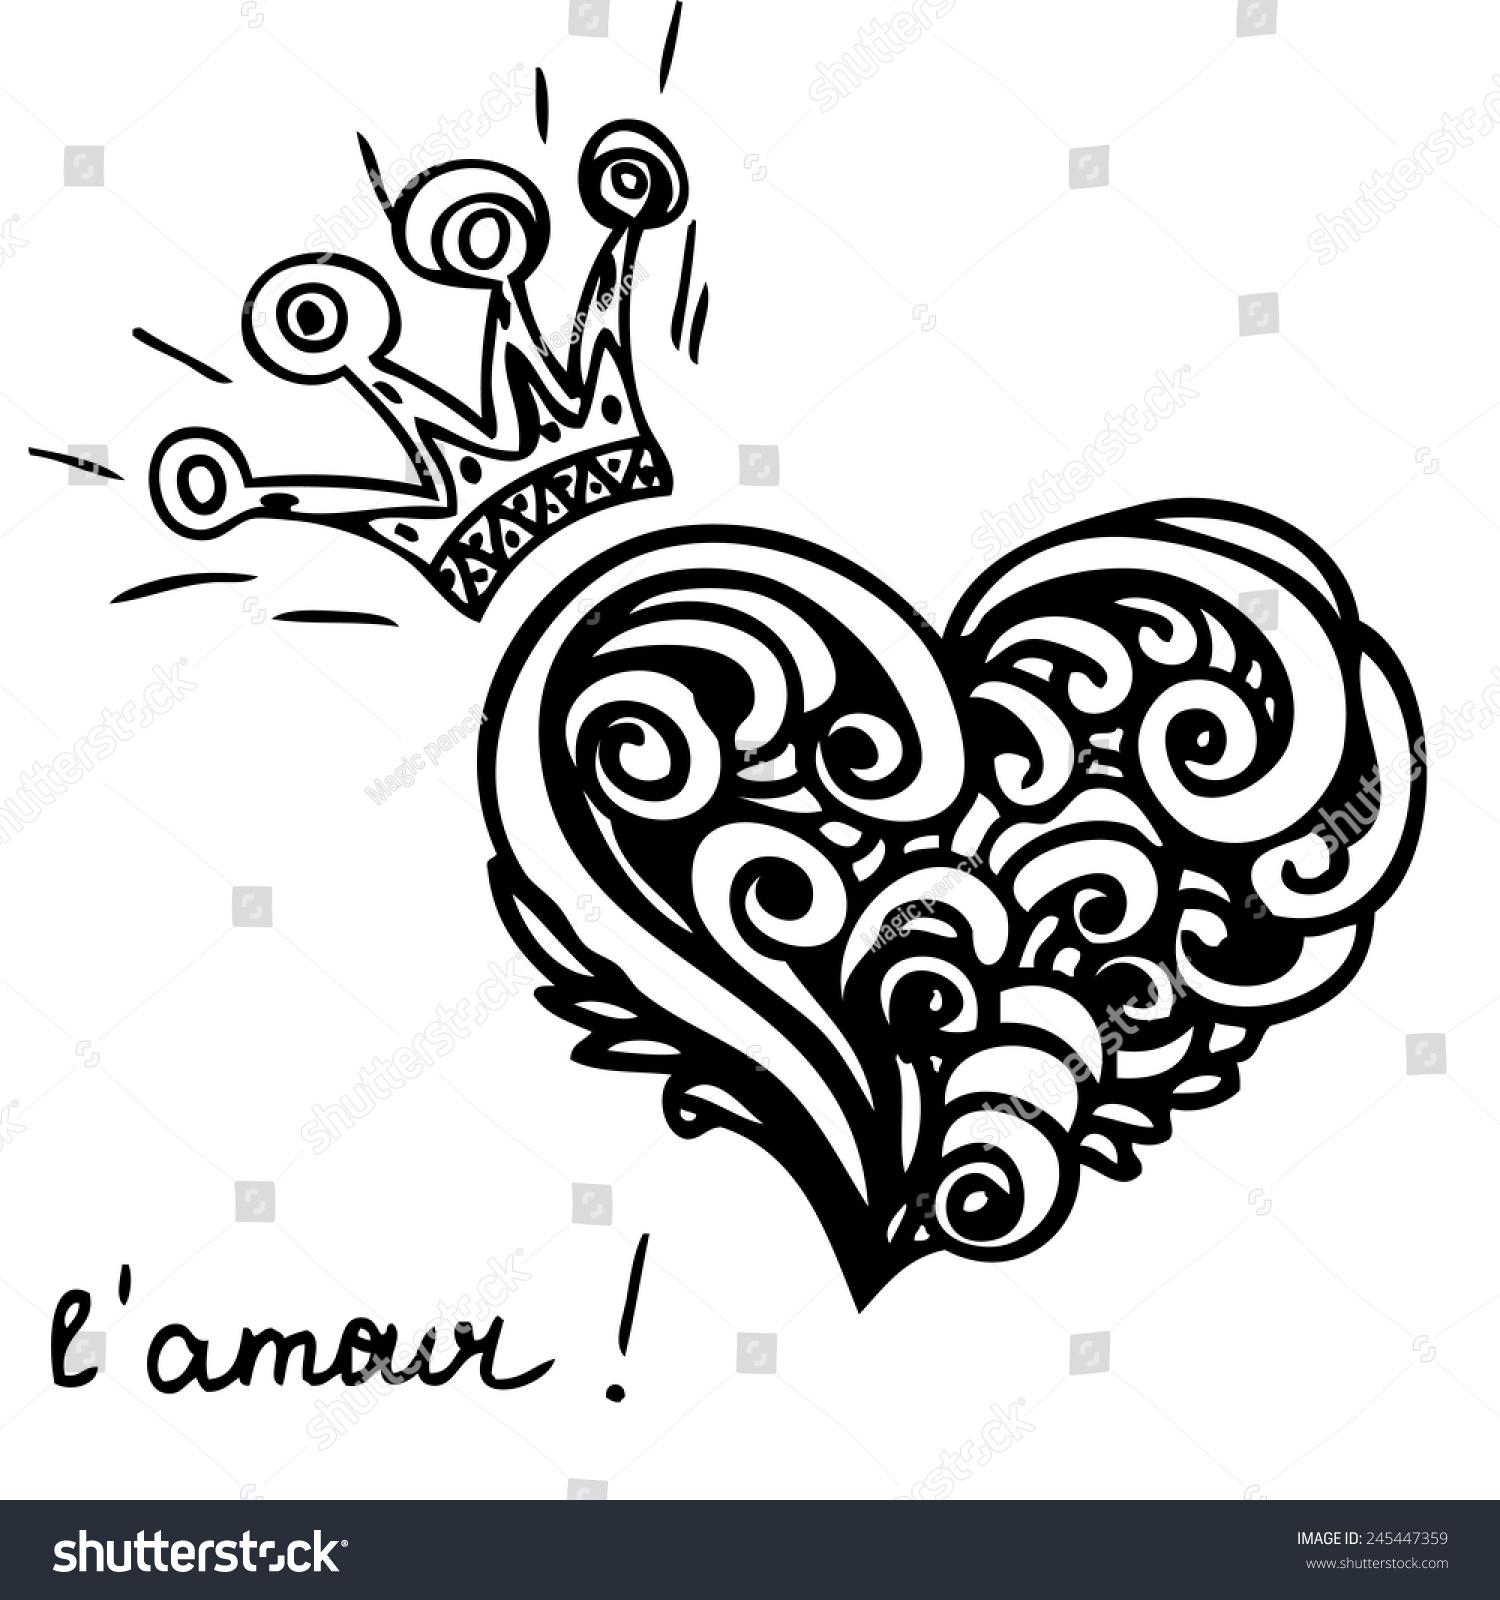 手绘矢量插图与皇冠皇家的心.情人节的模板